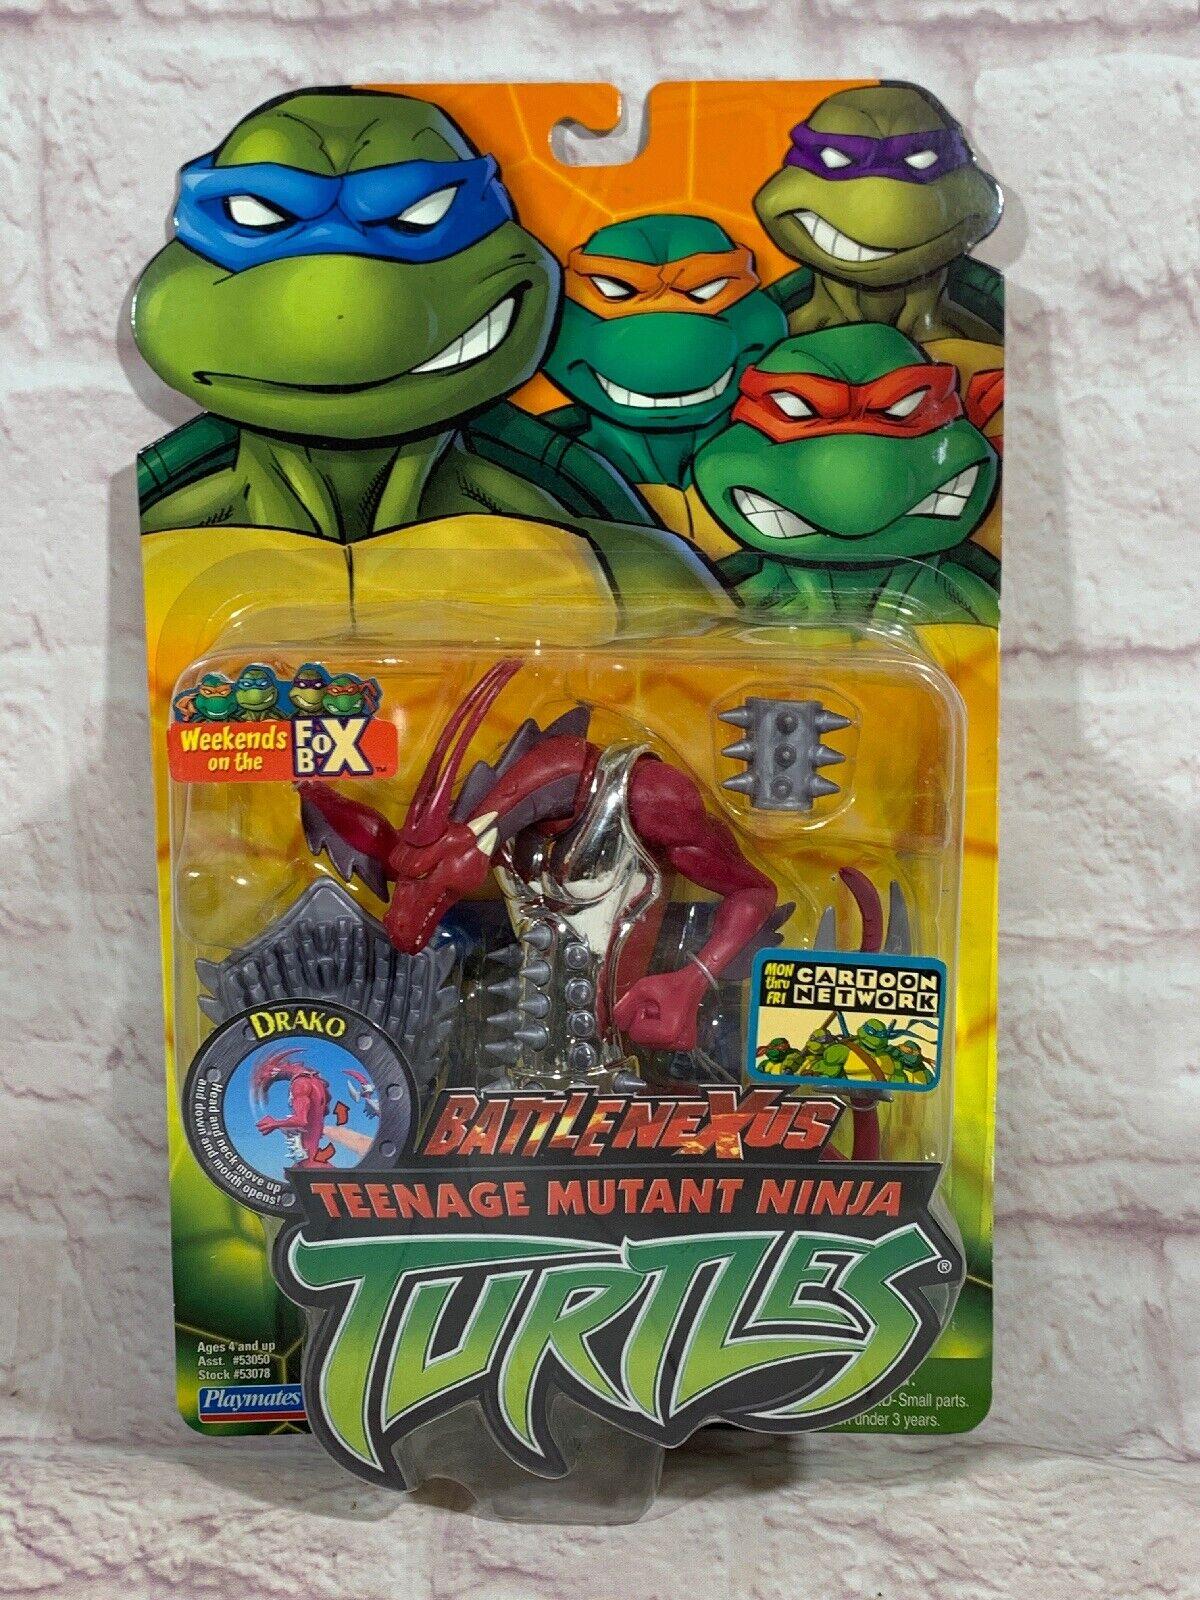 Teenage Mutant Ninja Turtles 2004 DRAKO TMNT Playmates Meerled On Mint voitured